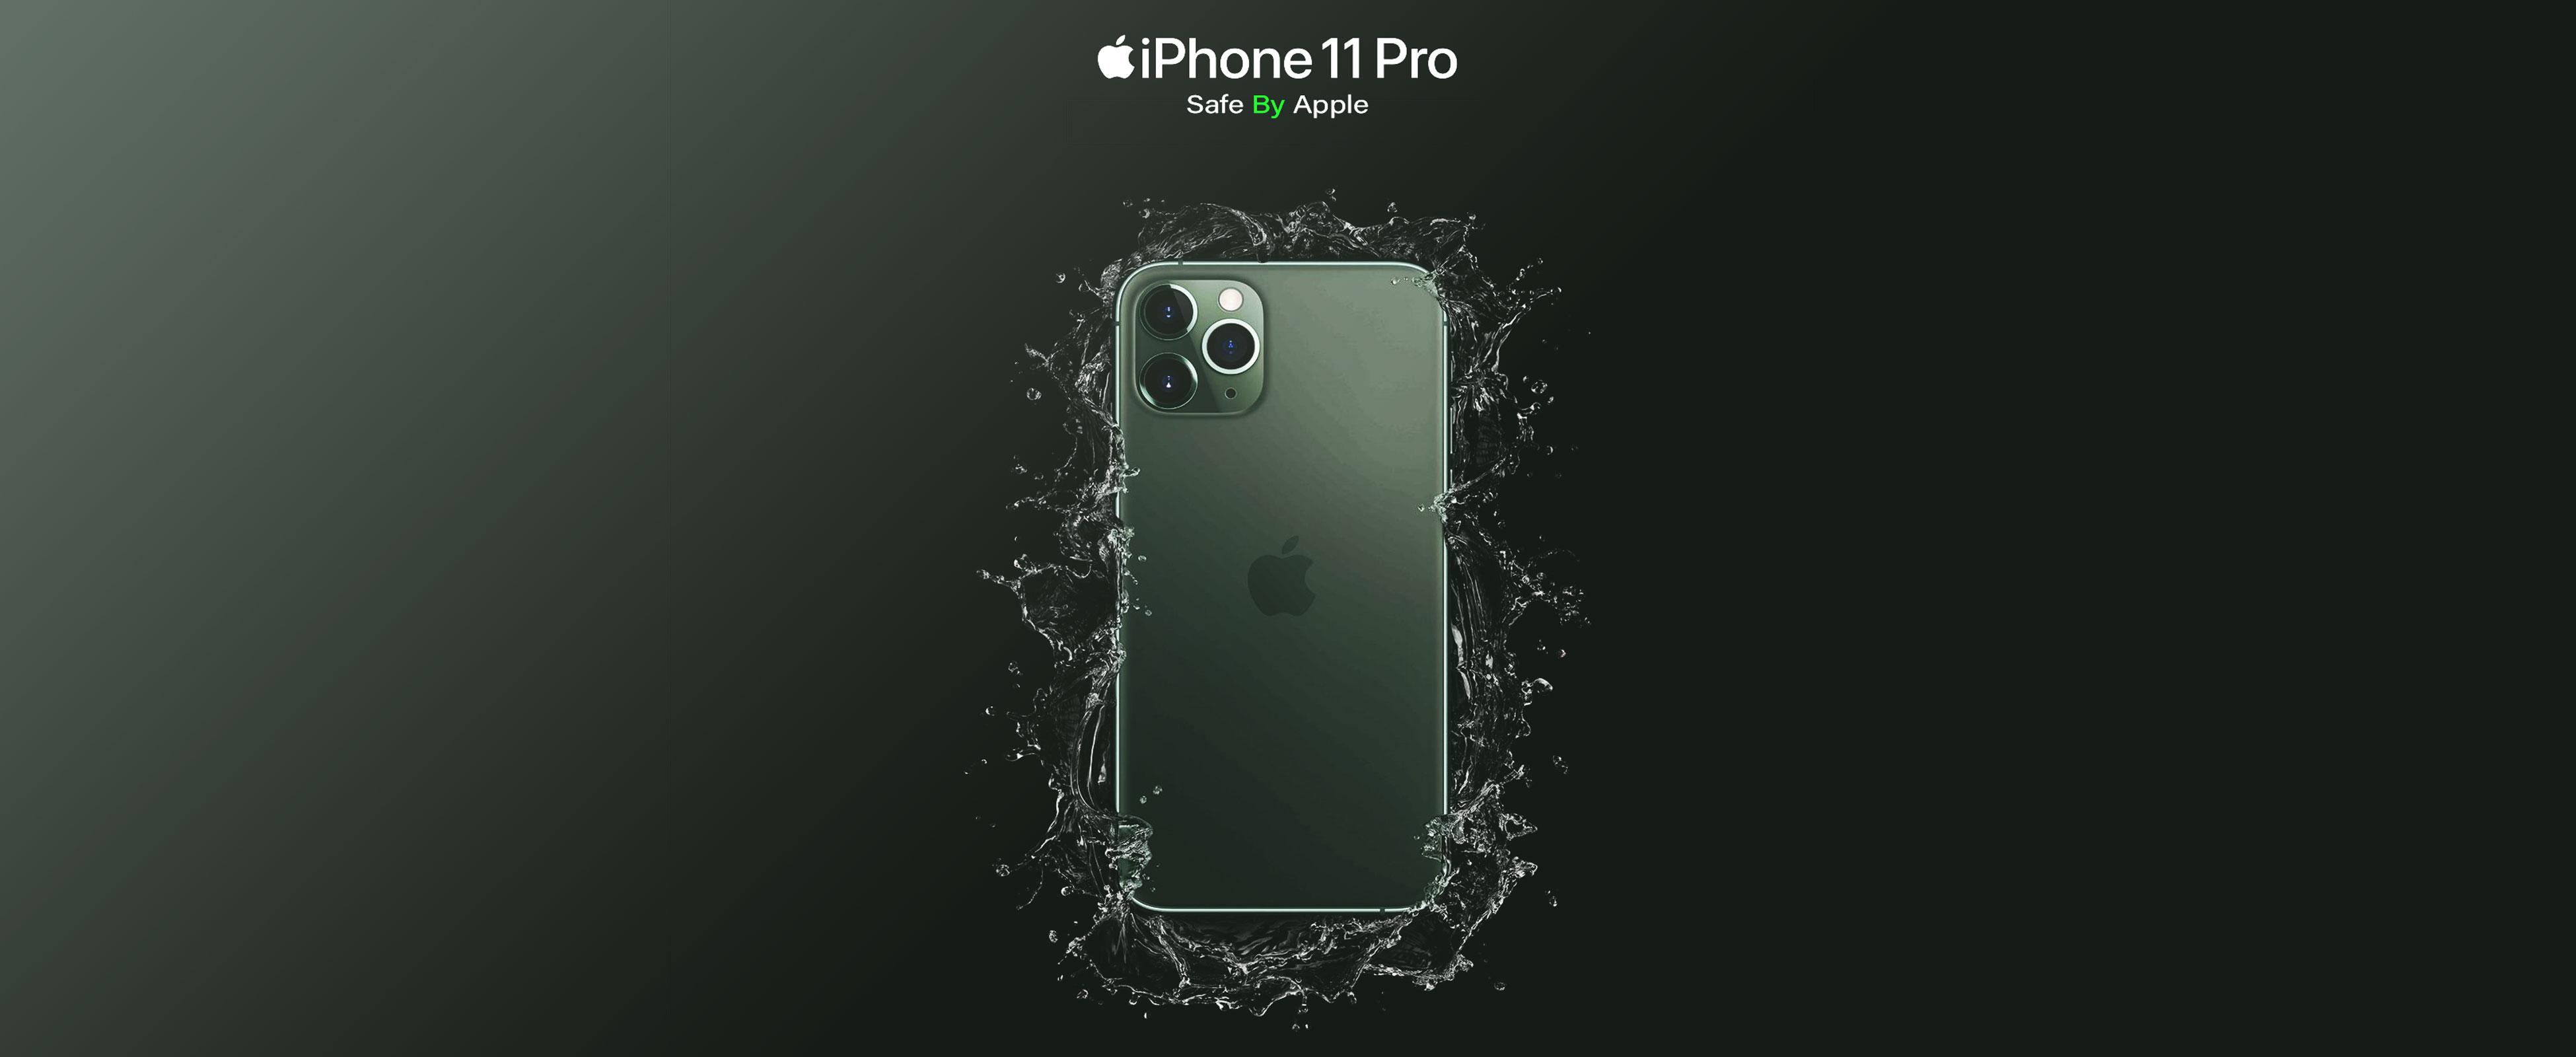 خرید ایفون 11